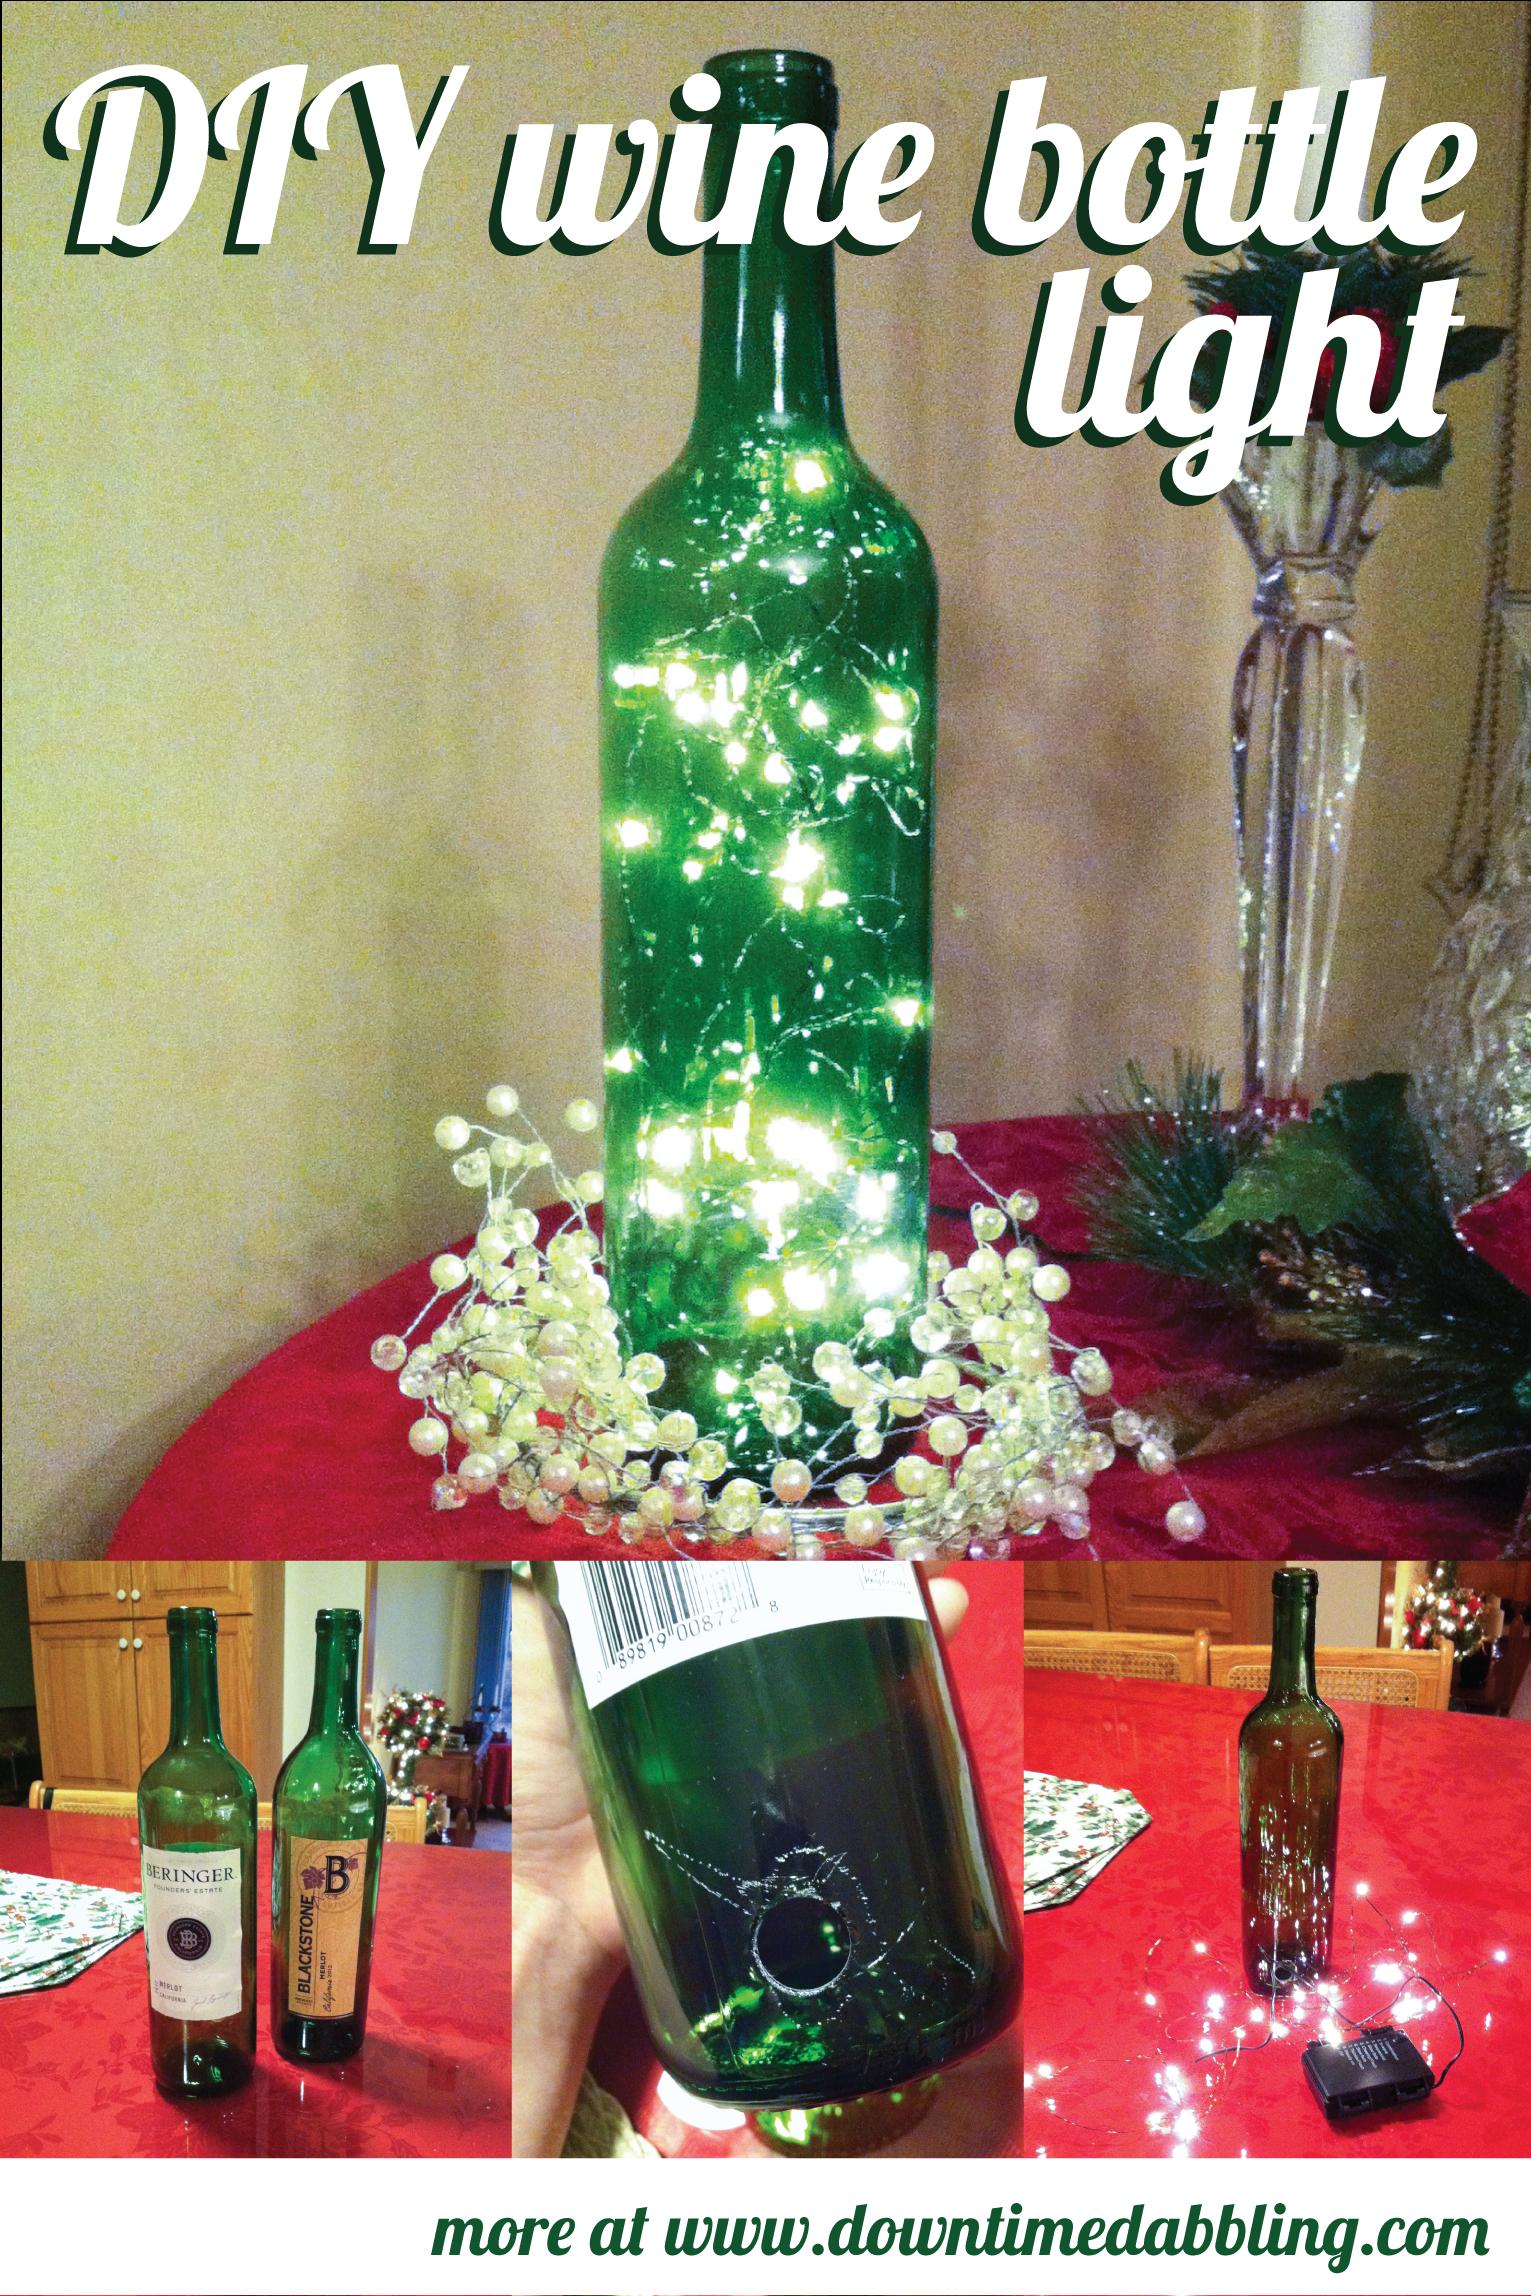 DIY wine bottle light - great christmas gift for the wine lover.